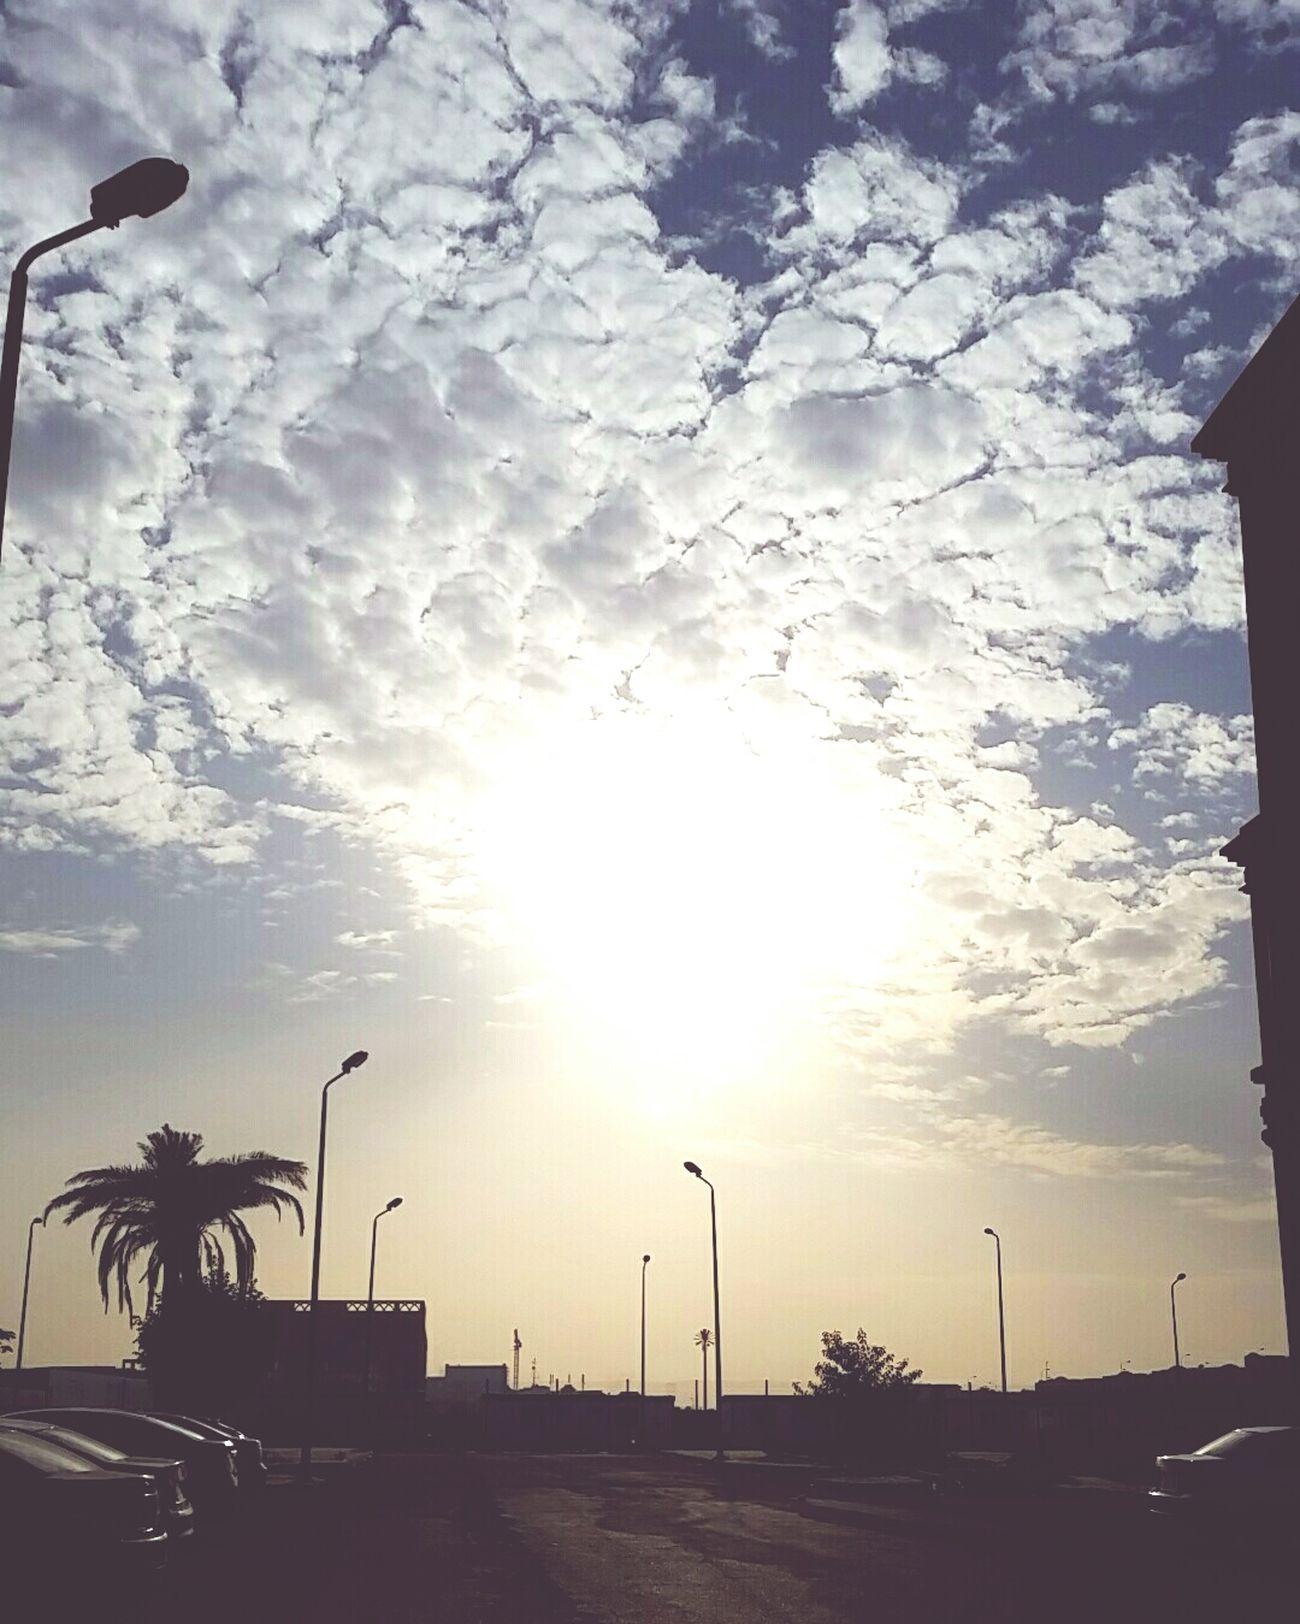 Sunset Dramatic Sky Cracked Phoyography Outdoors Crackedsky